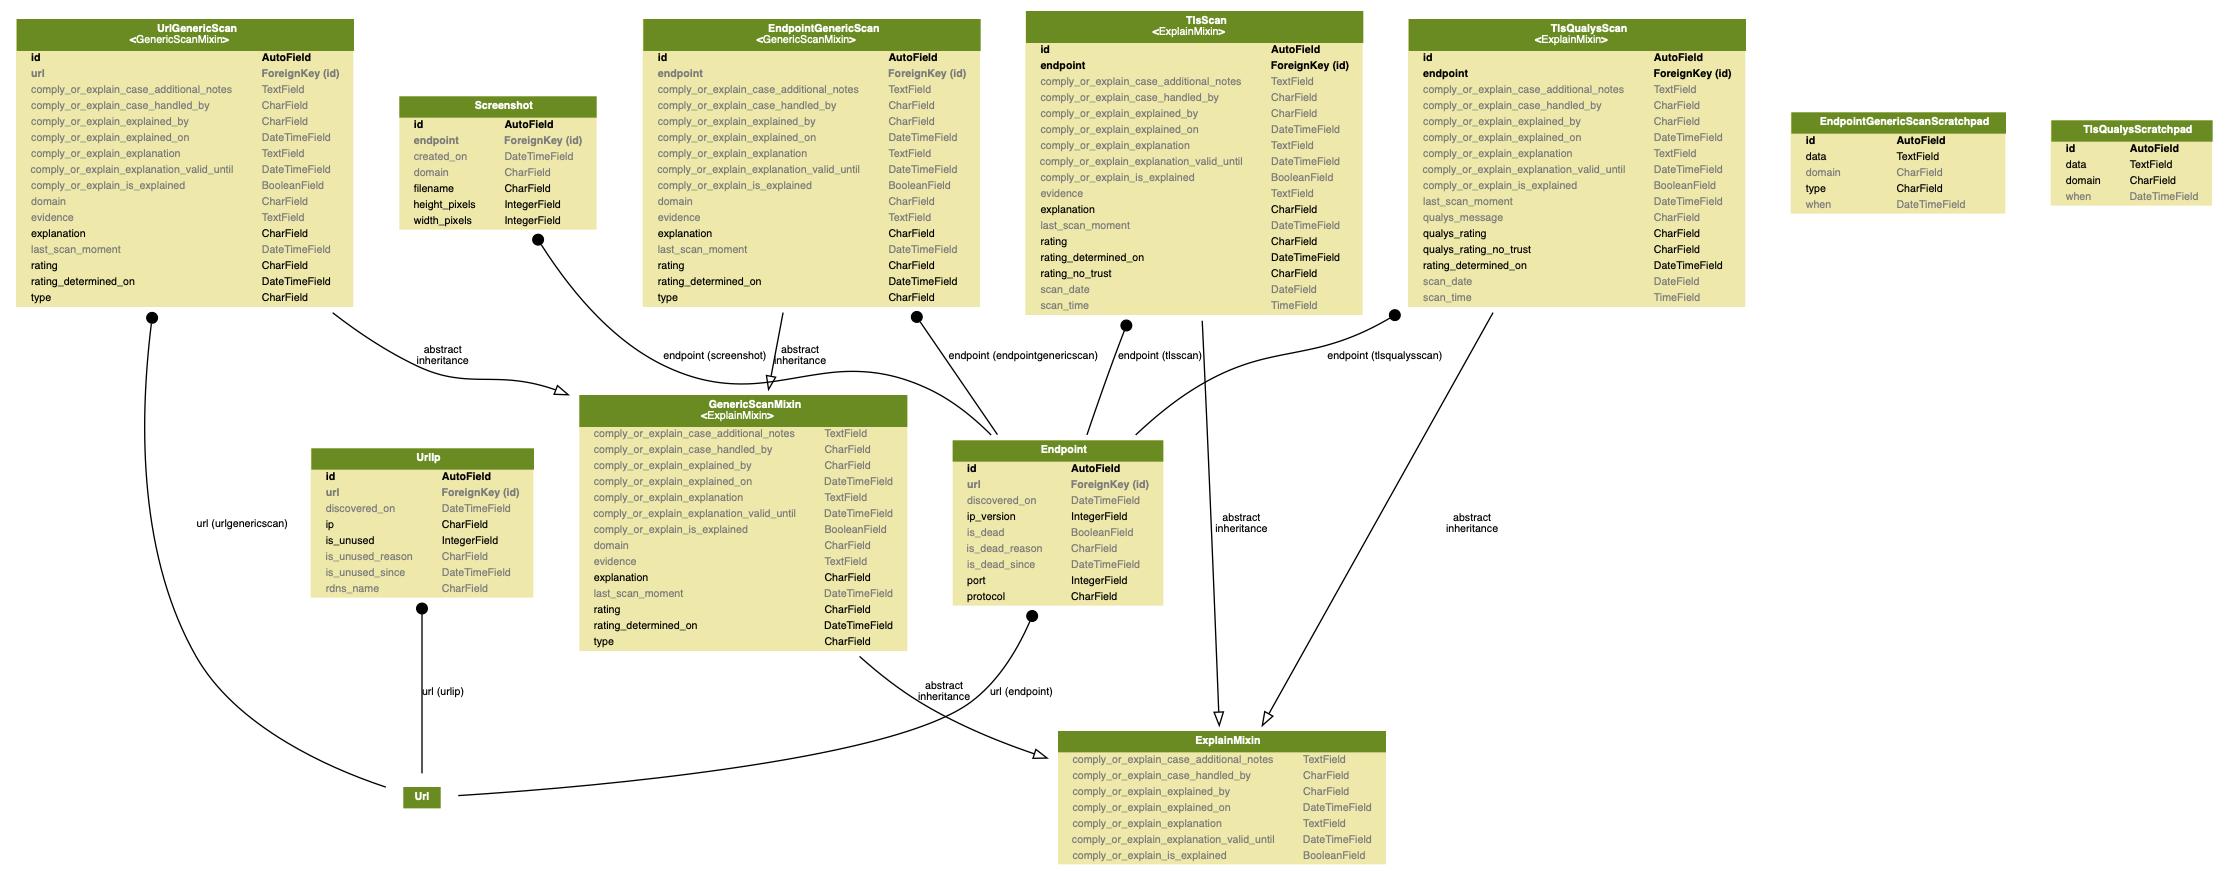 docs/source/topics/development/data_model/scanners_models.png